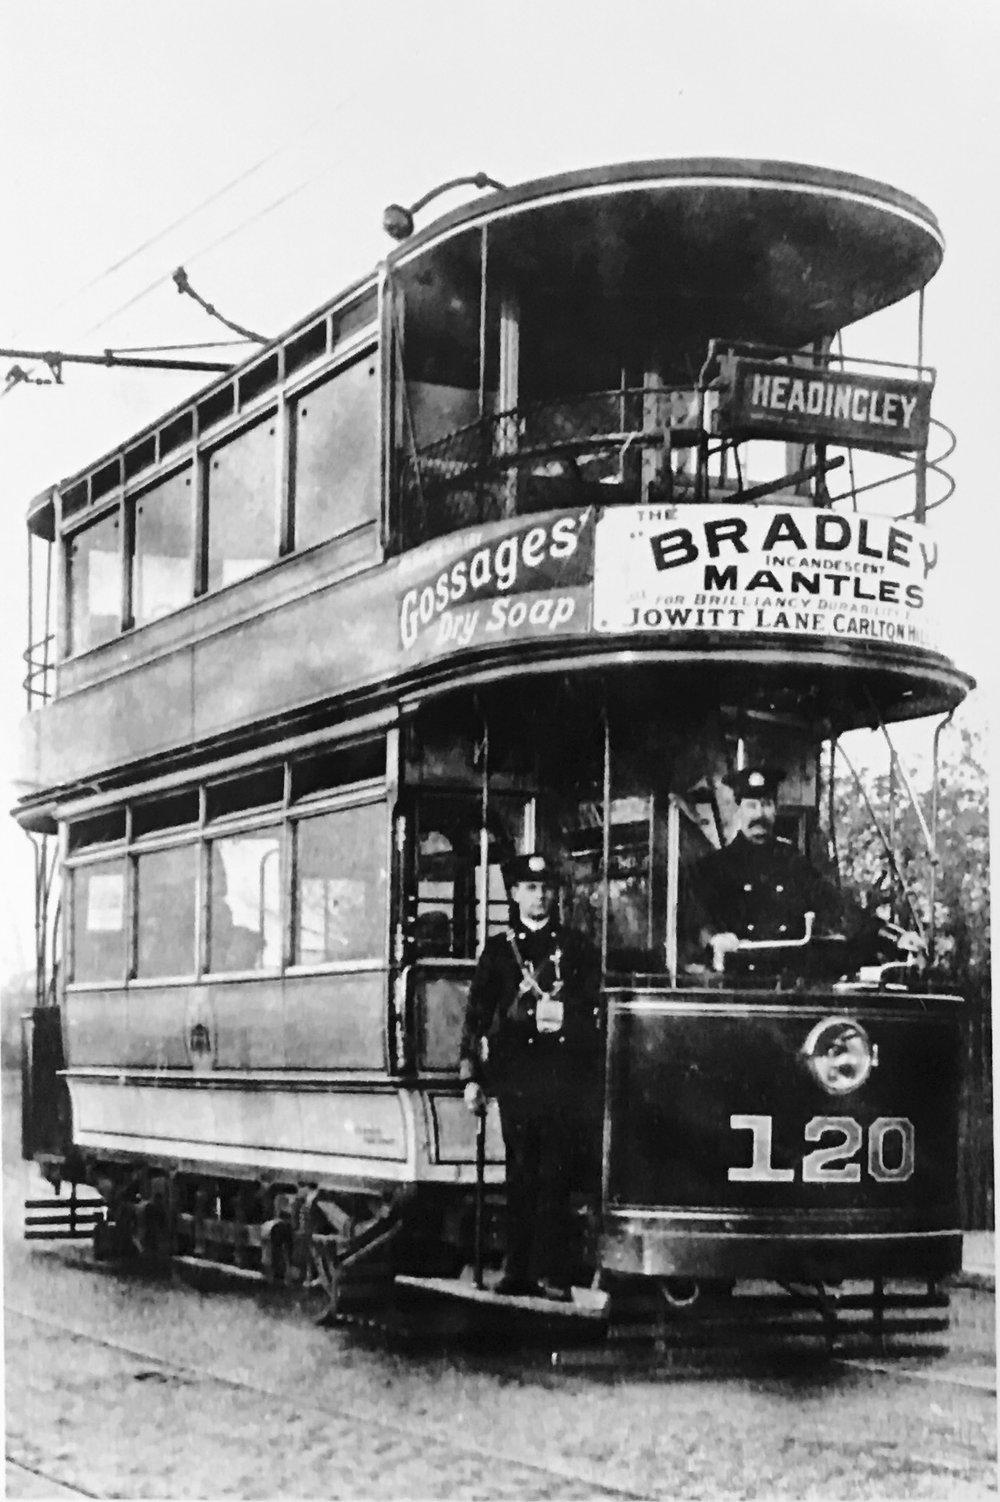 Electric Tram, undated